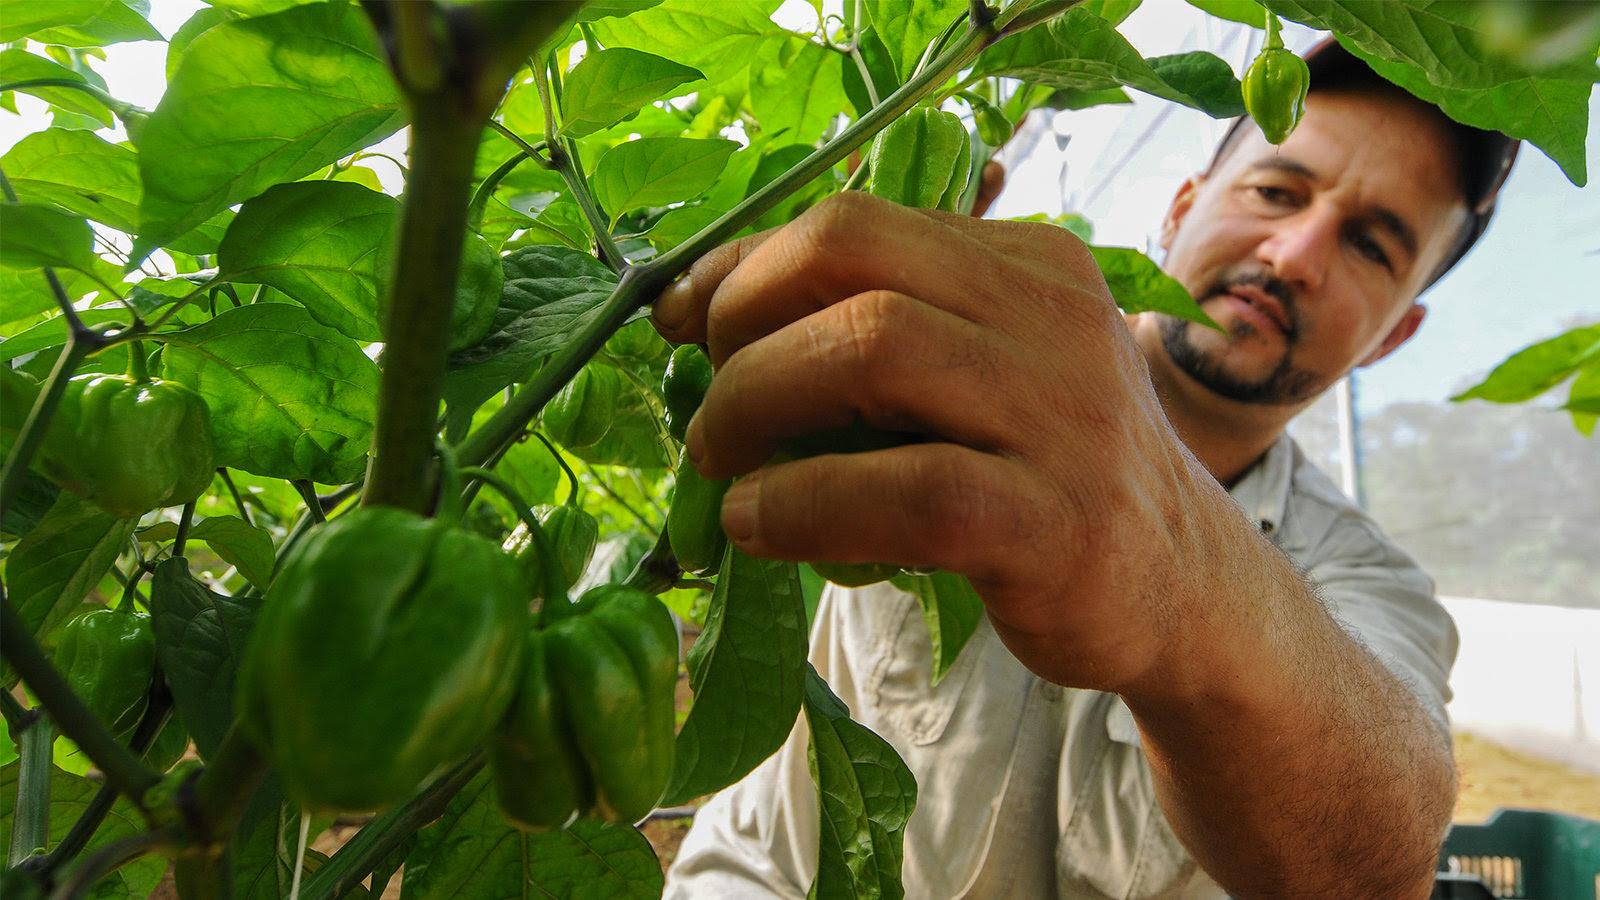 Gobierno celebra Día del Agricultor con crecimiento del campo y de la Patria; 85% de lo que consume población, se produce en el país